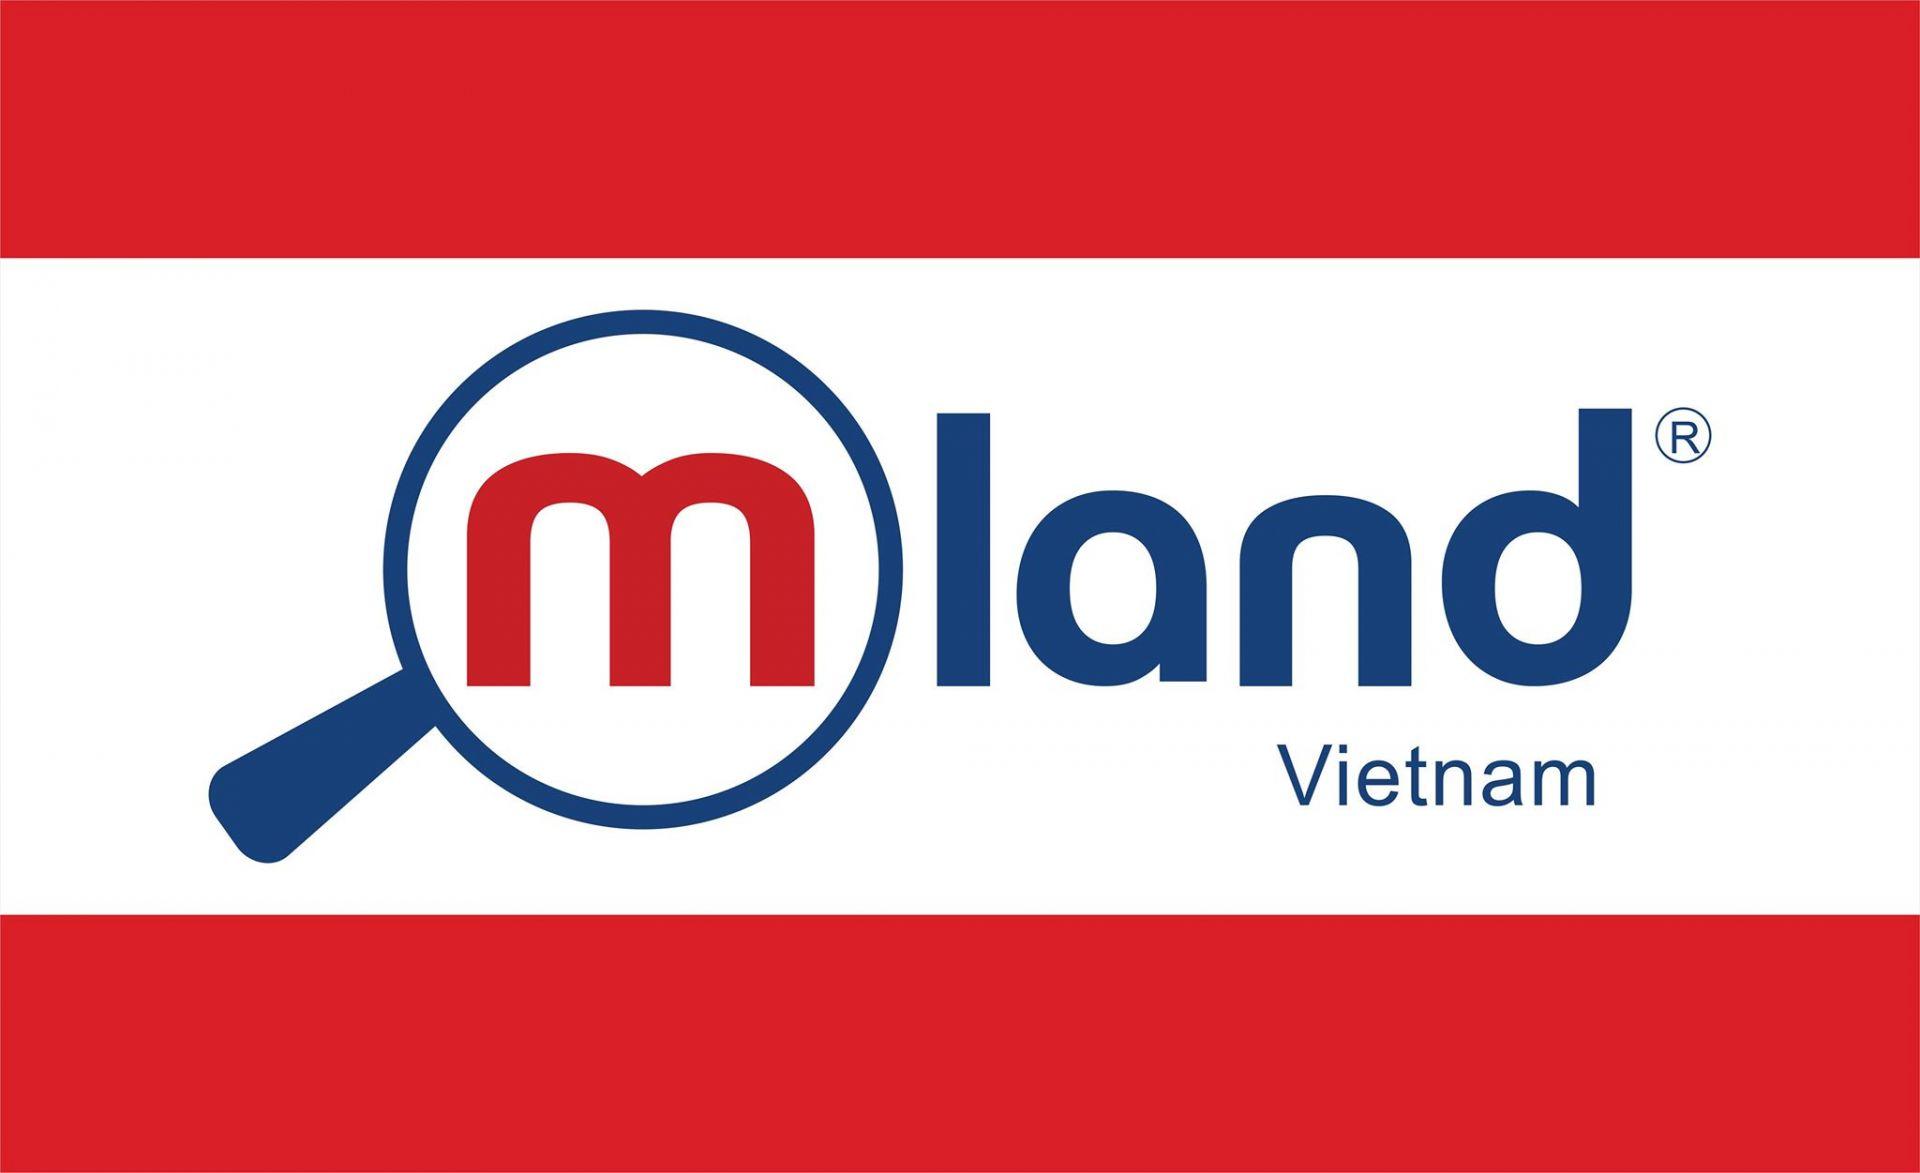 MLAND Vietnam tuyển dụng 63 giám đốc và 5.000 nhân viên kinh doanh bất động sản trên cả nước